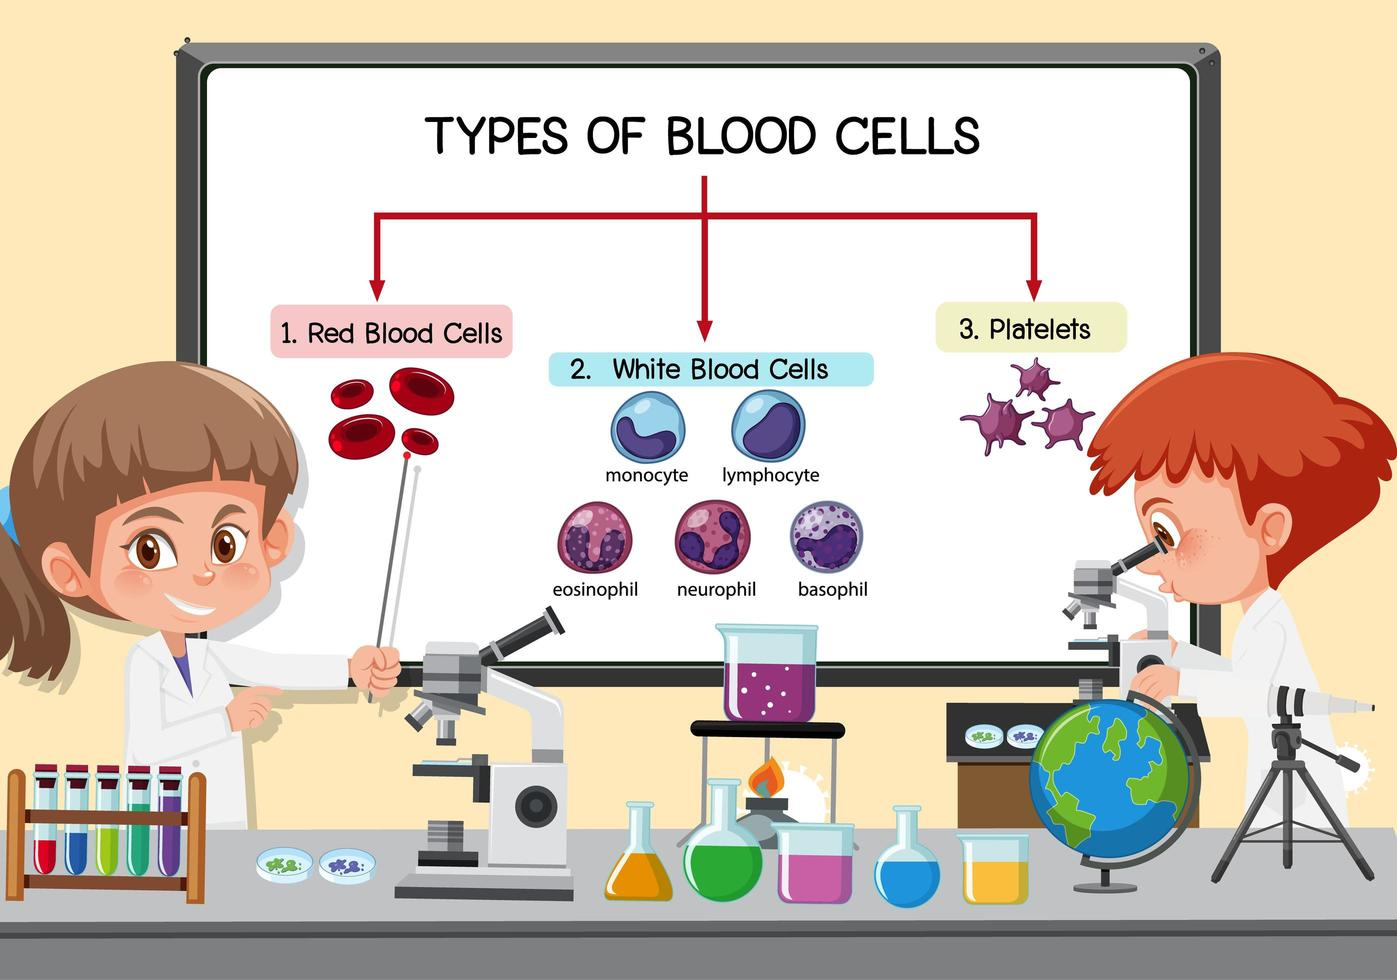 giovane scienziato che spiega i tipi di cellule del sangue davanti a una tavola in laboratorio vettore